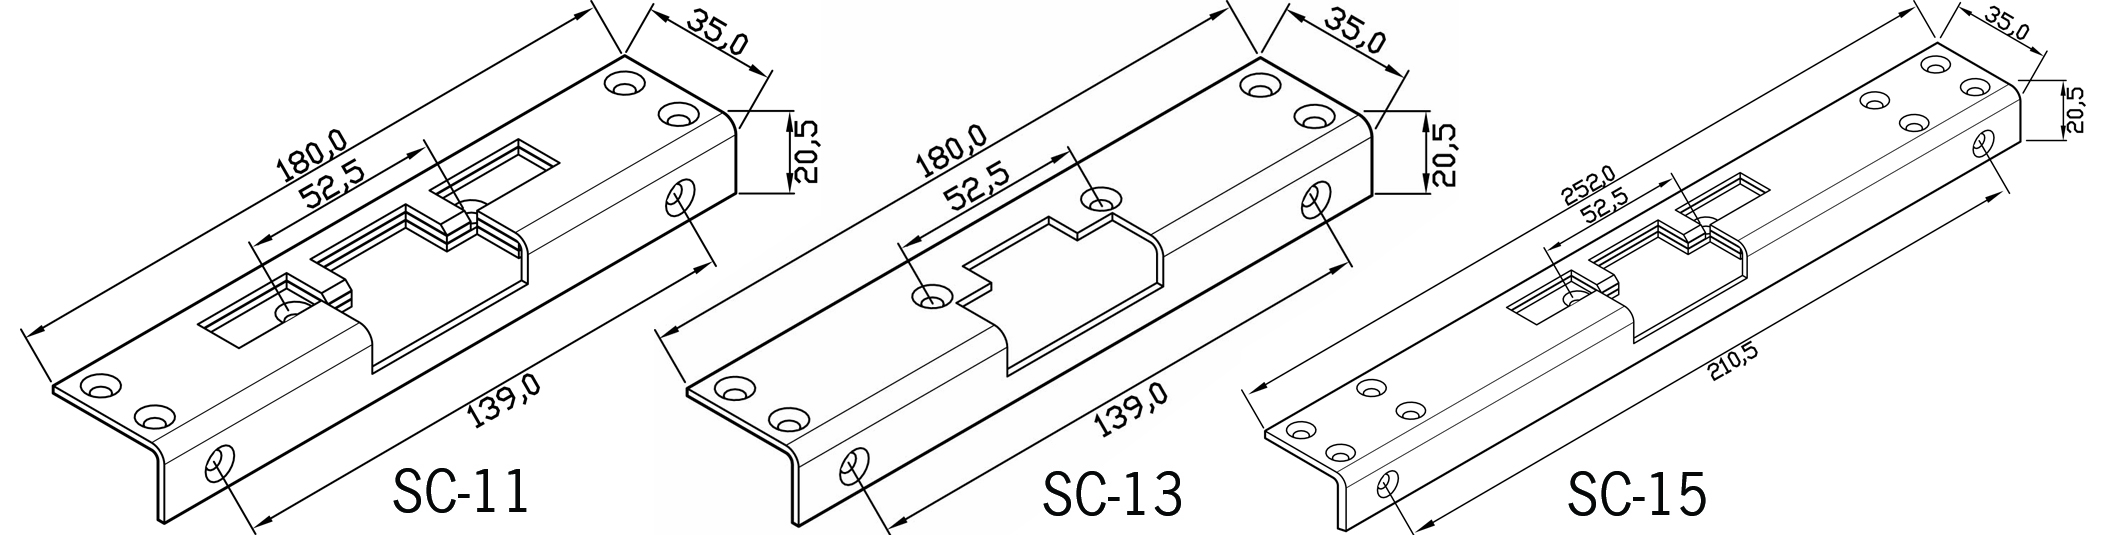 stolper sc11 15 - Allround sikkerhedsslutblik